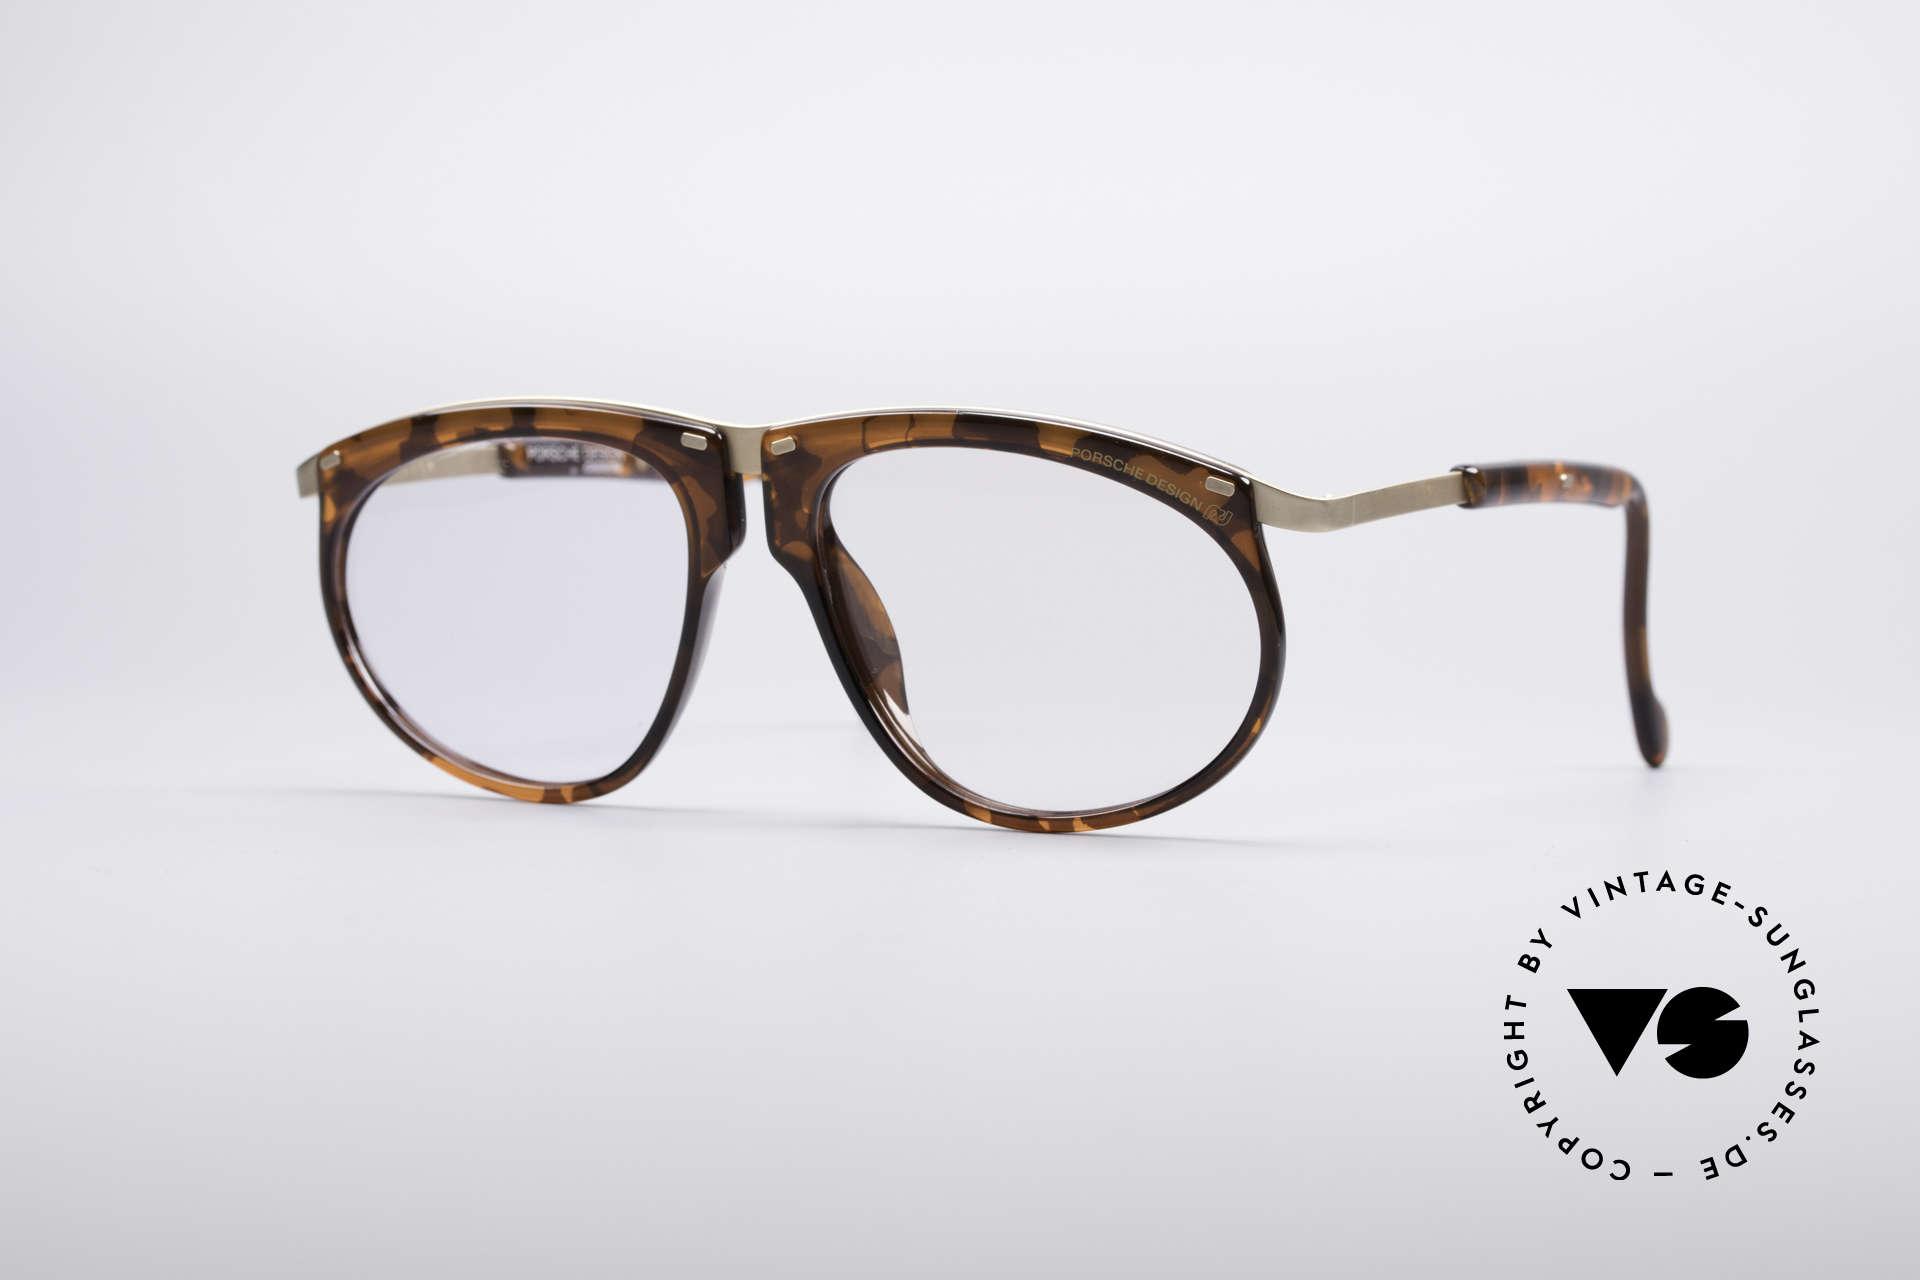 Porsche 5660 Adjustable Vintage Frame, exceptional unique PORSCHE DESIGN eyeglasses, Made for Men